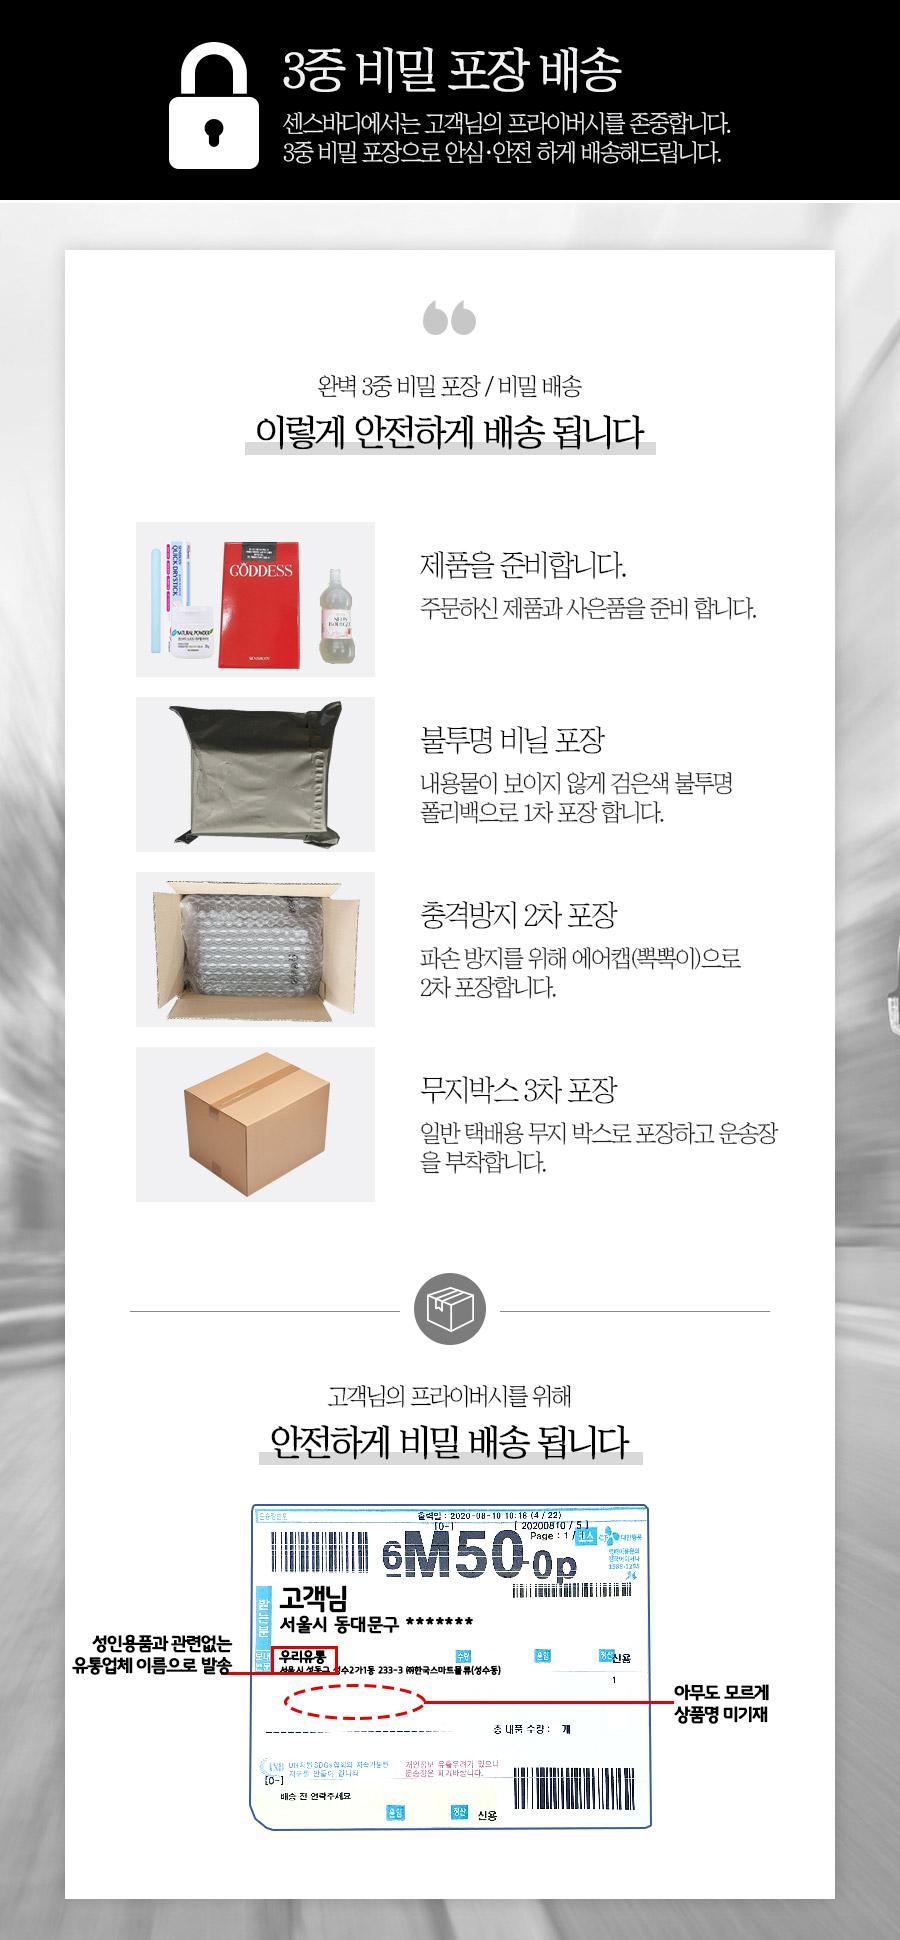 3중포장 비밀/안전배송